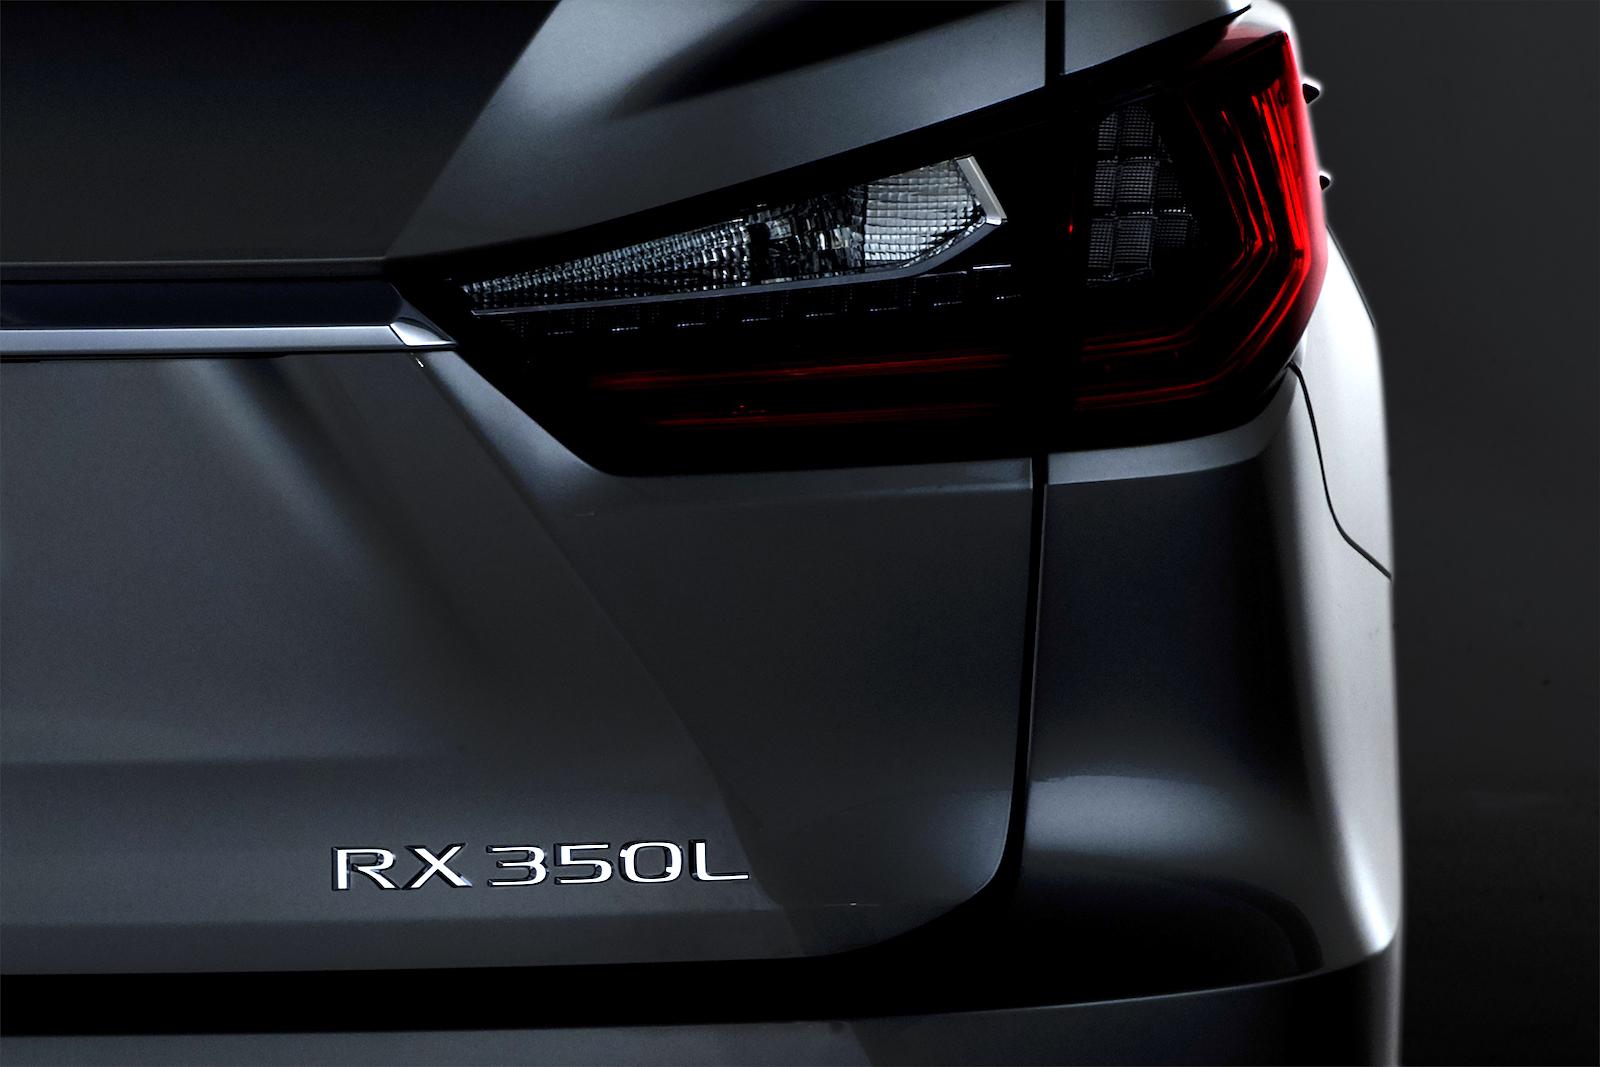 lexus rx 350l 7 seat suv confirmed debuts at la show performancedrive. Black Bedroom Furniture Sets. Home Design Ideas